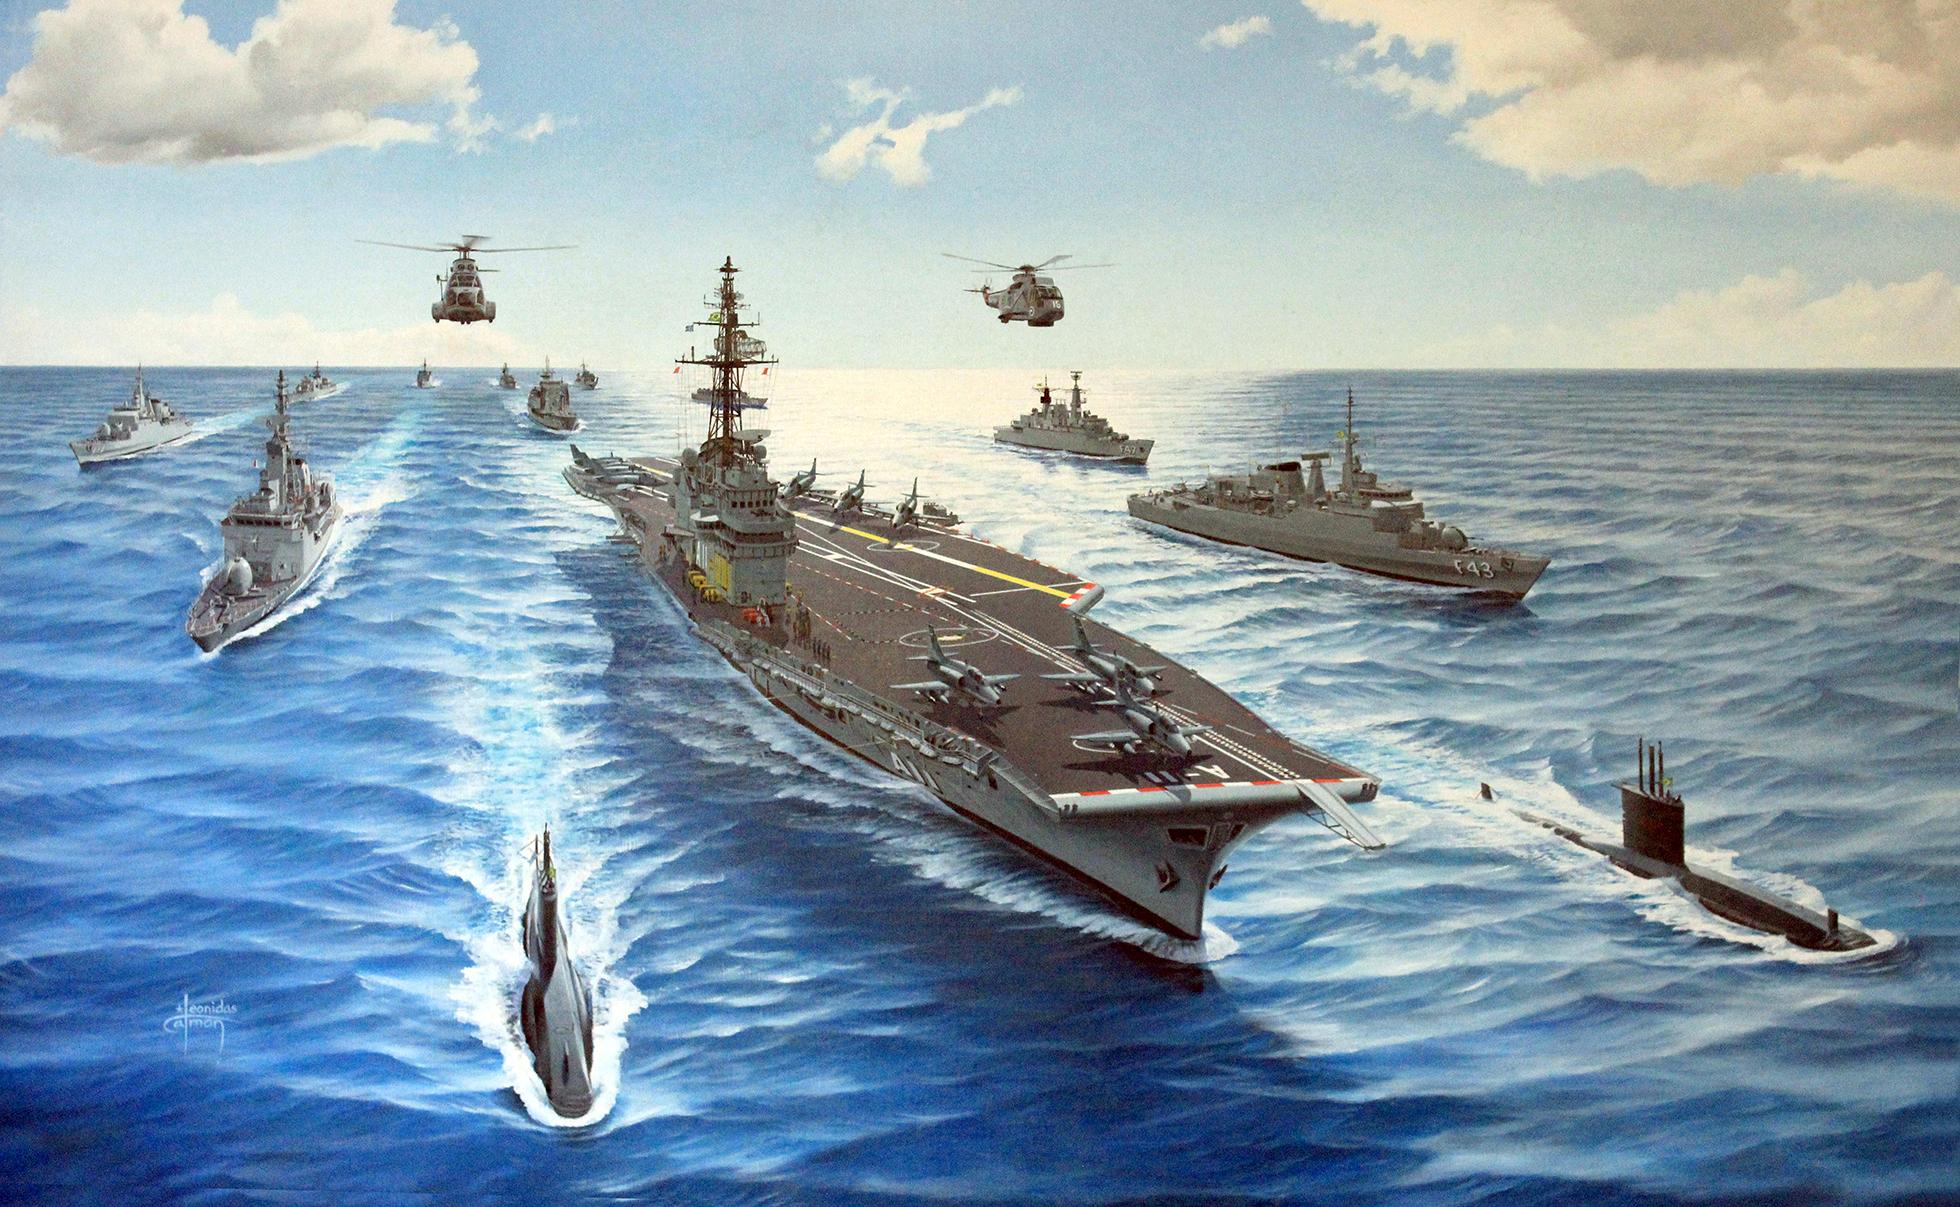 Pintura retratando a Esquadra Brasileira no início dos anos 2000, com o NAeL Minas Gerais equipado com caças AF-1 (A-4 Skyhawk) comprados do Kuwait em 1998